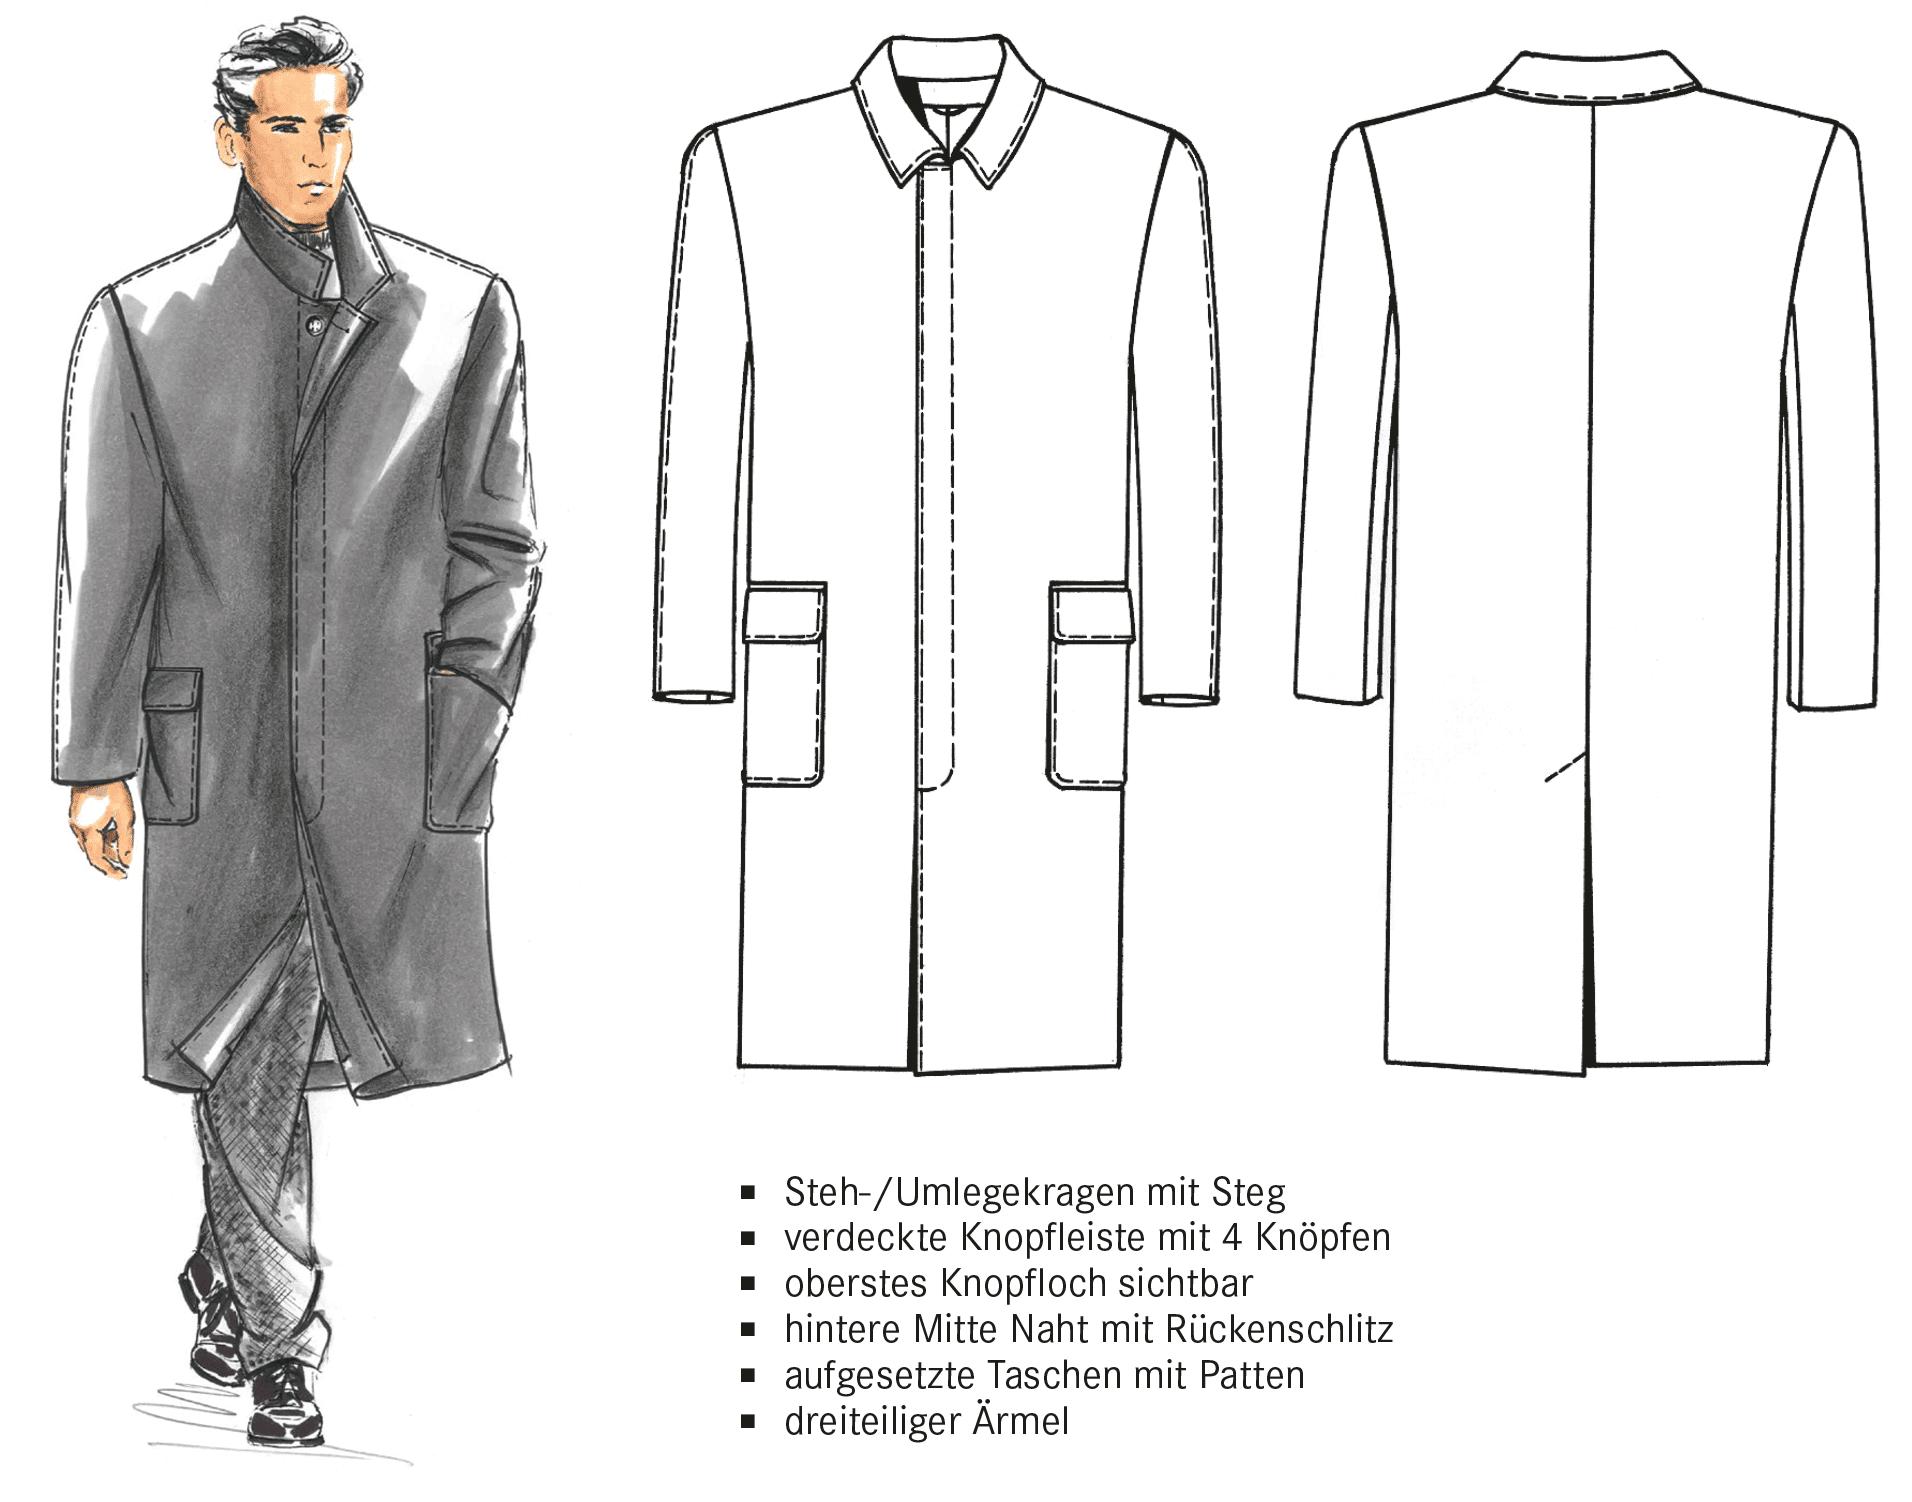 Technische Zeichnung eines Einreihigen Mantels.